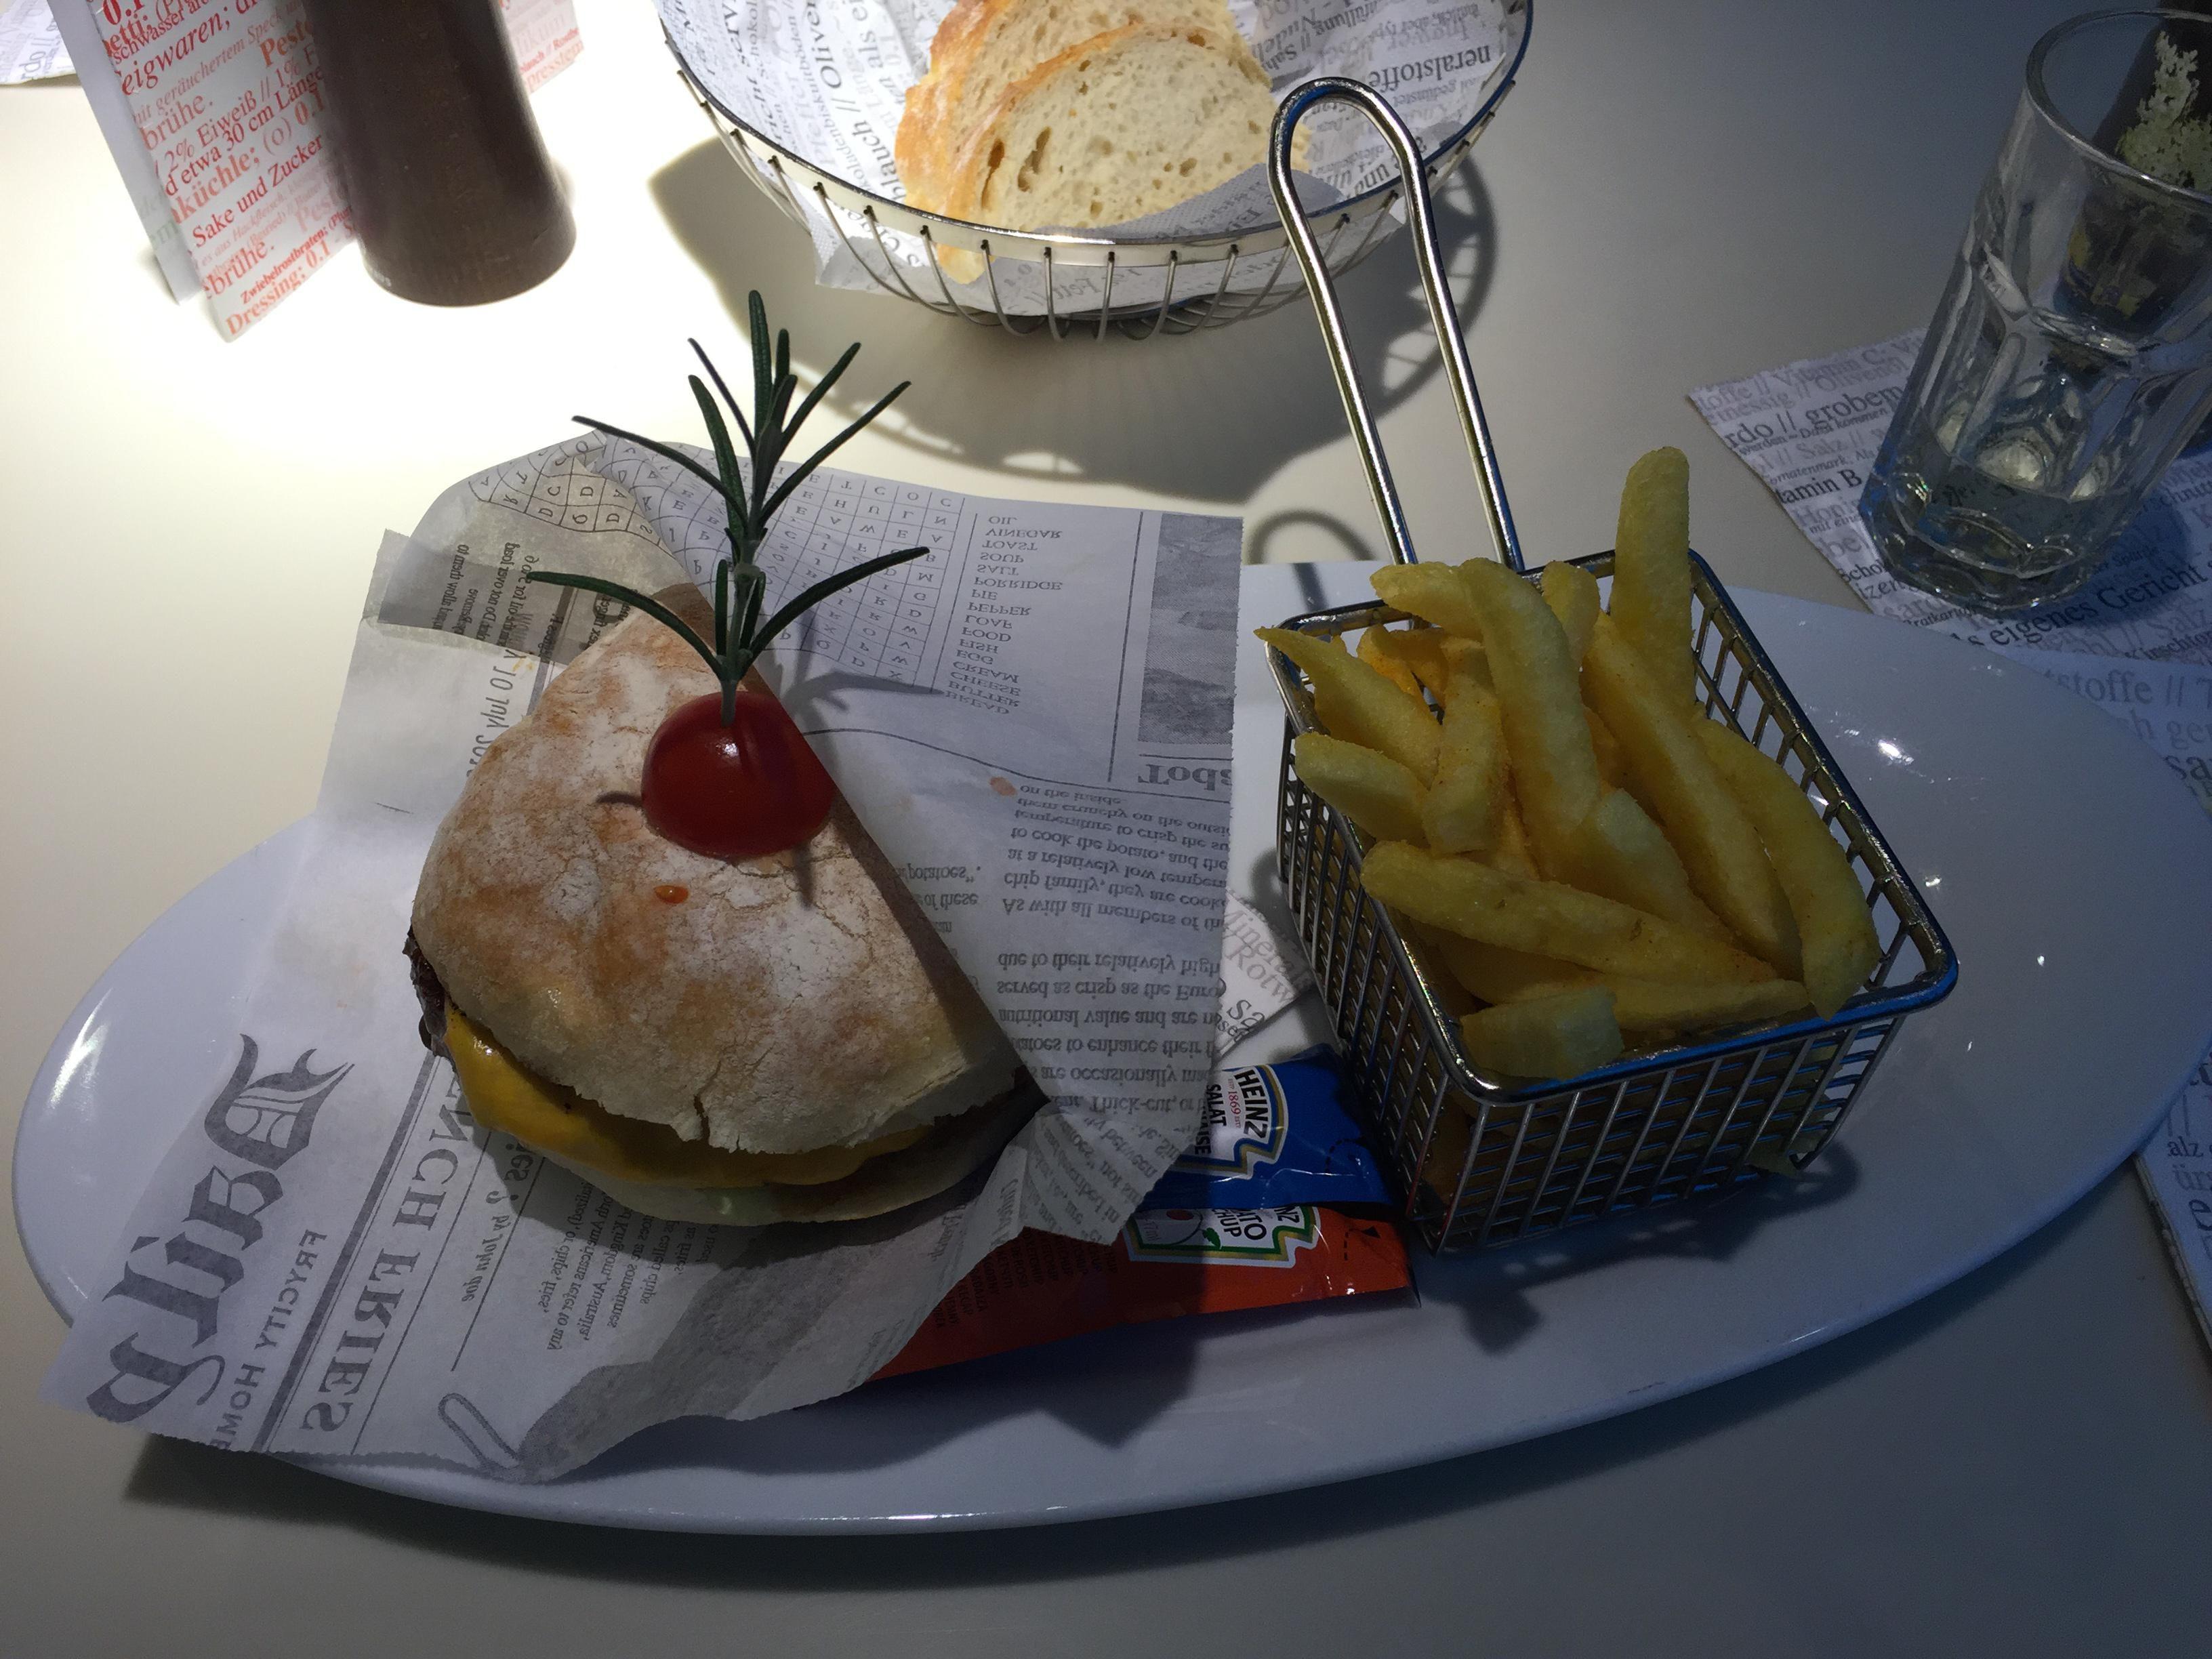 Burger im (karls) kitchen in Stuttgart. Lust Restaurants zu testen und Bewirtungskosten zurück erstatten lassen? https://www.testando.de/so-funktionierts